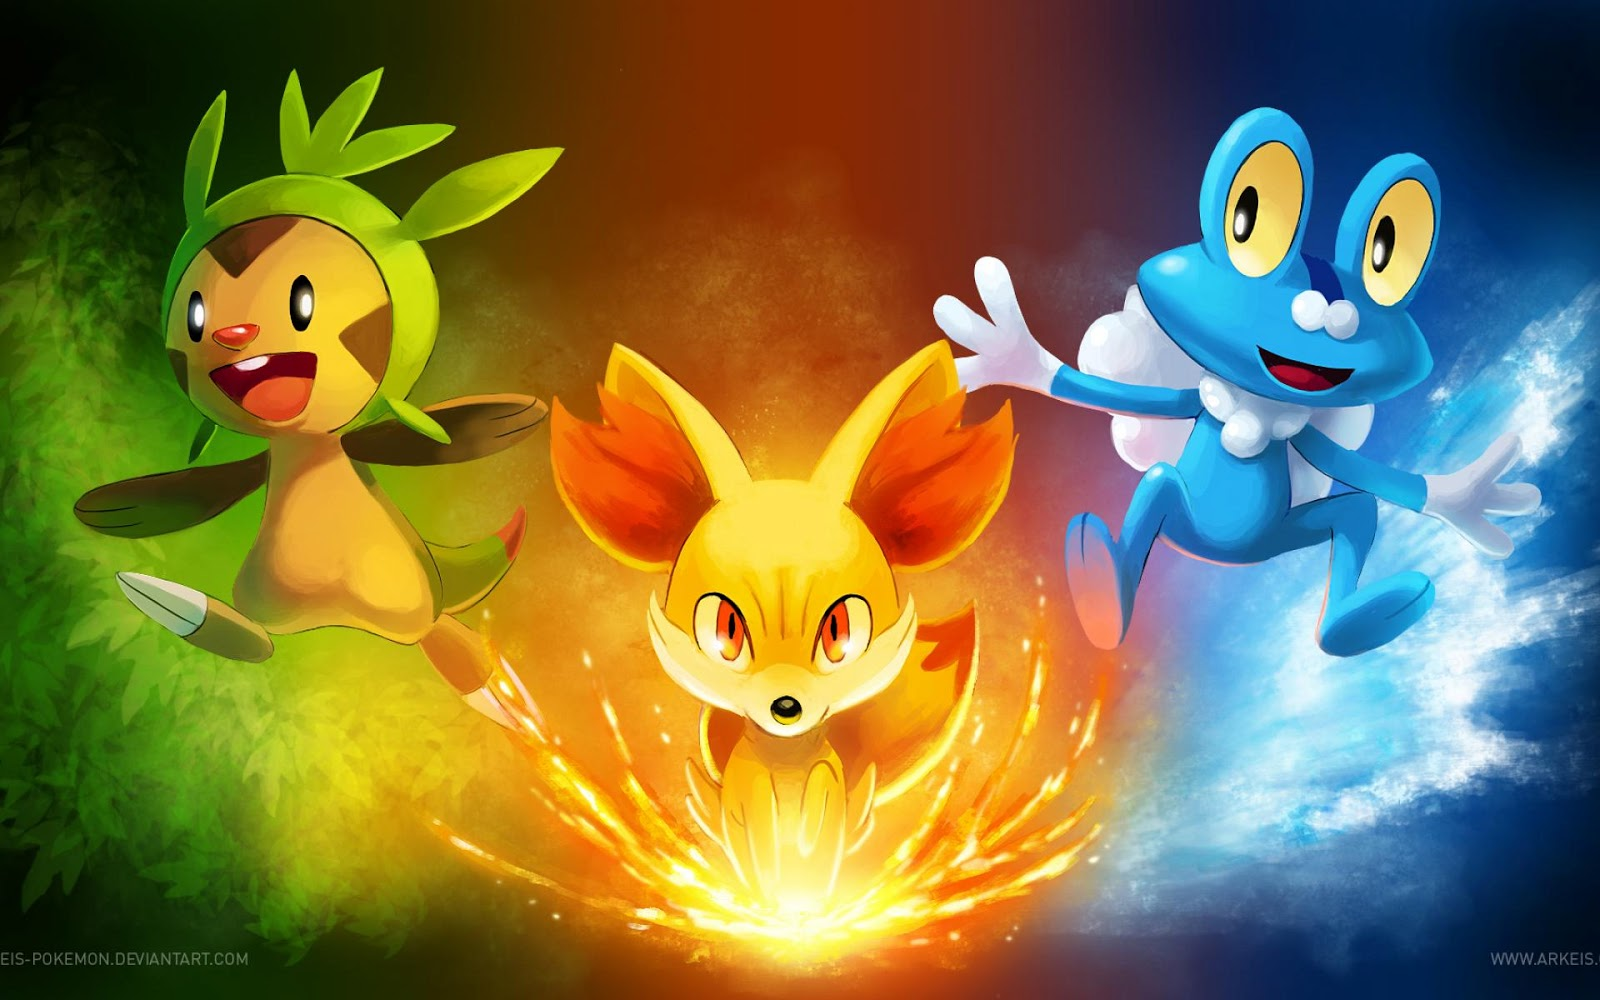 awesome pokemon backgrounds - photo #14